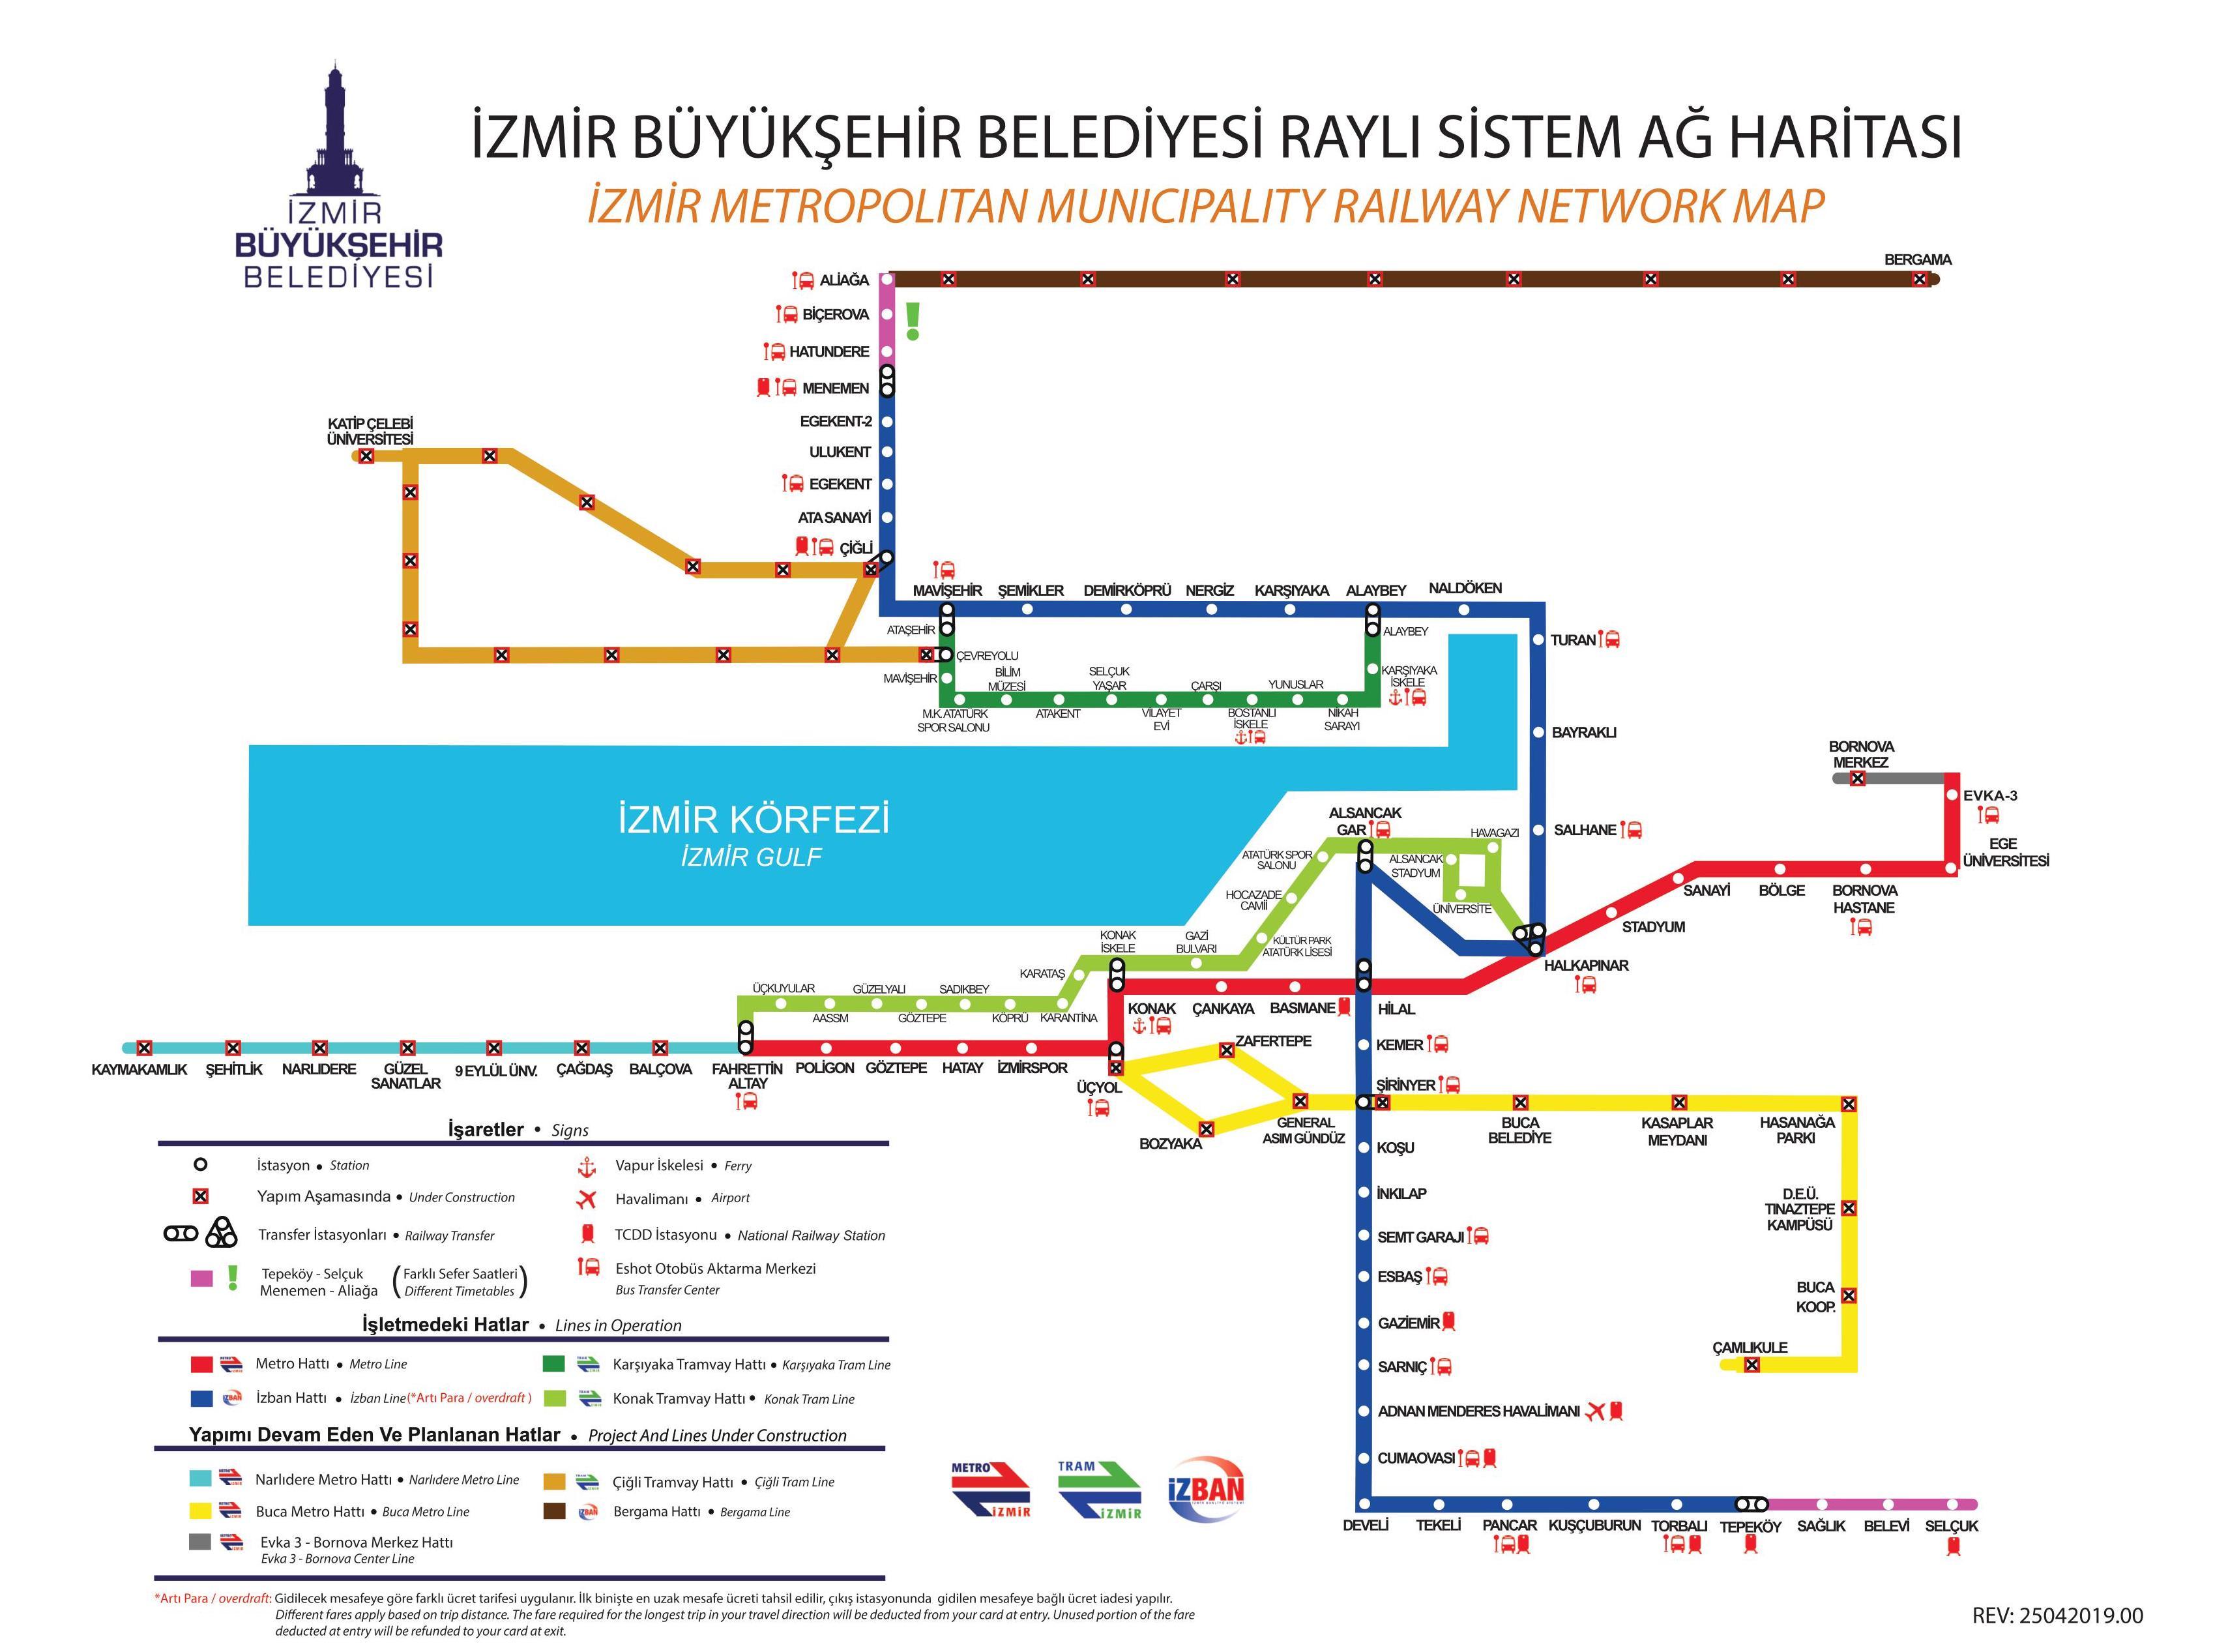 Izmir Metro Tram and IZBAN Map